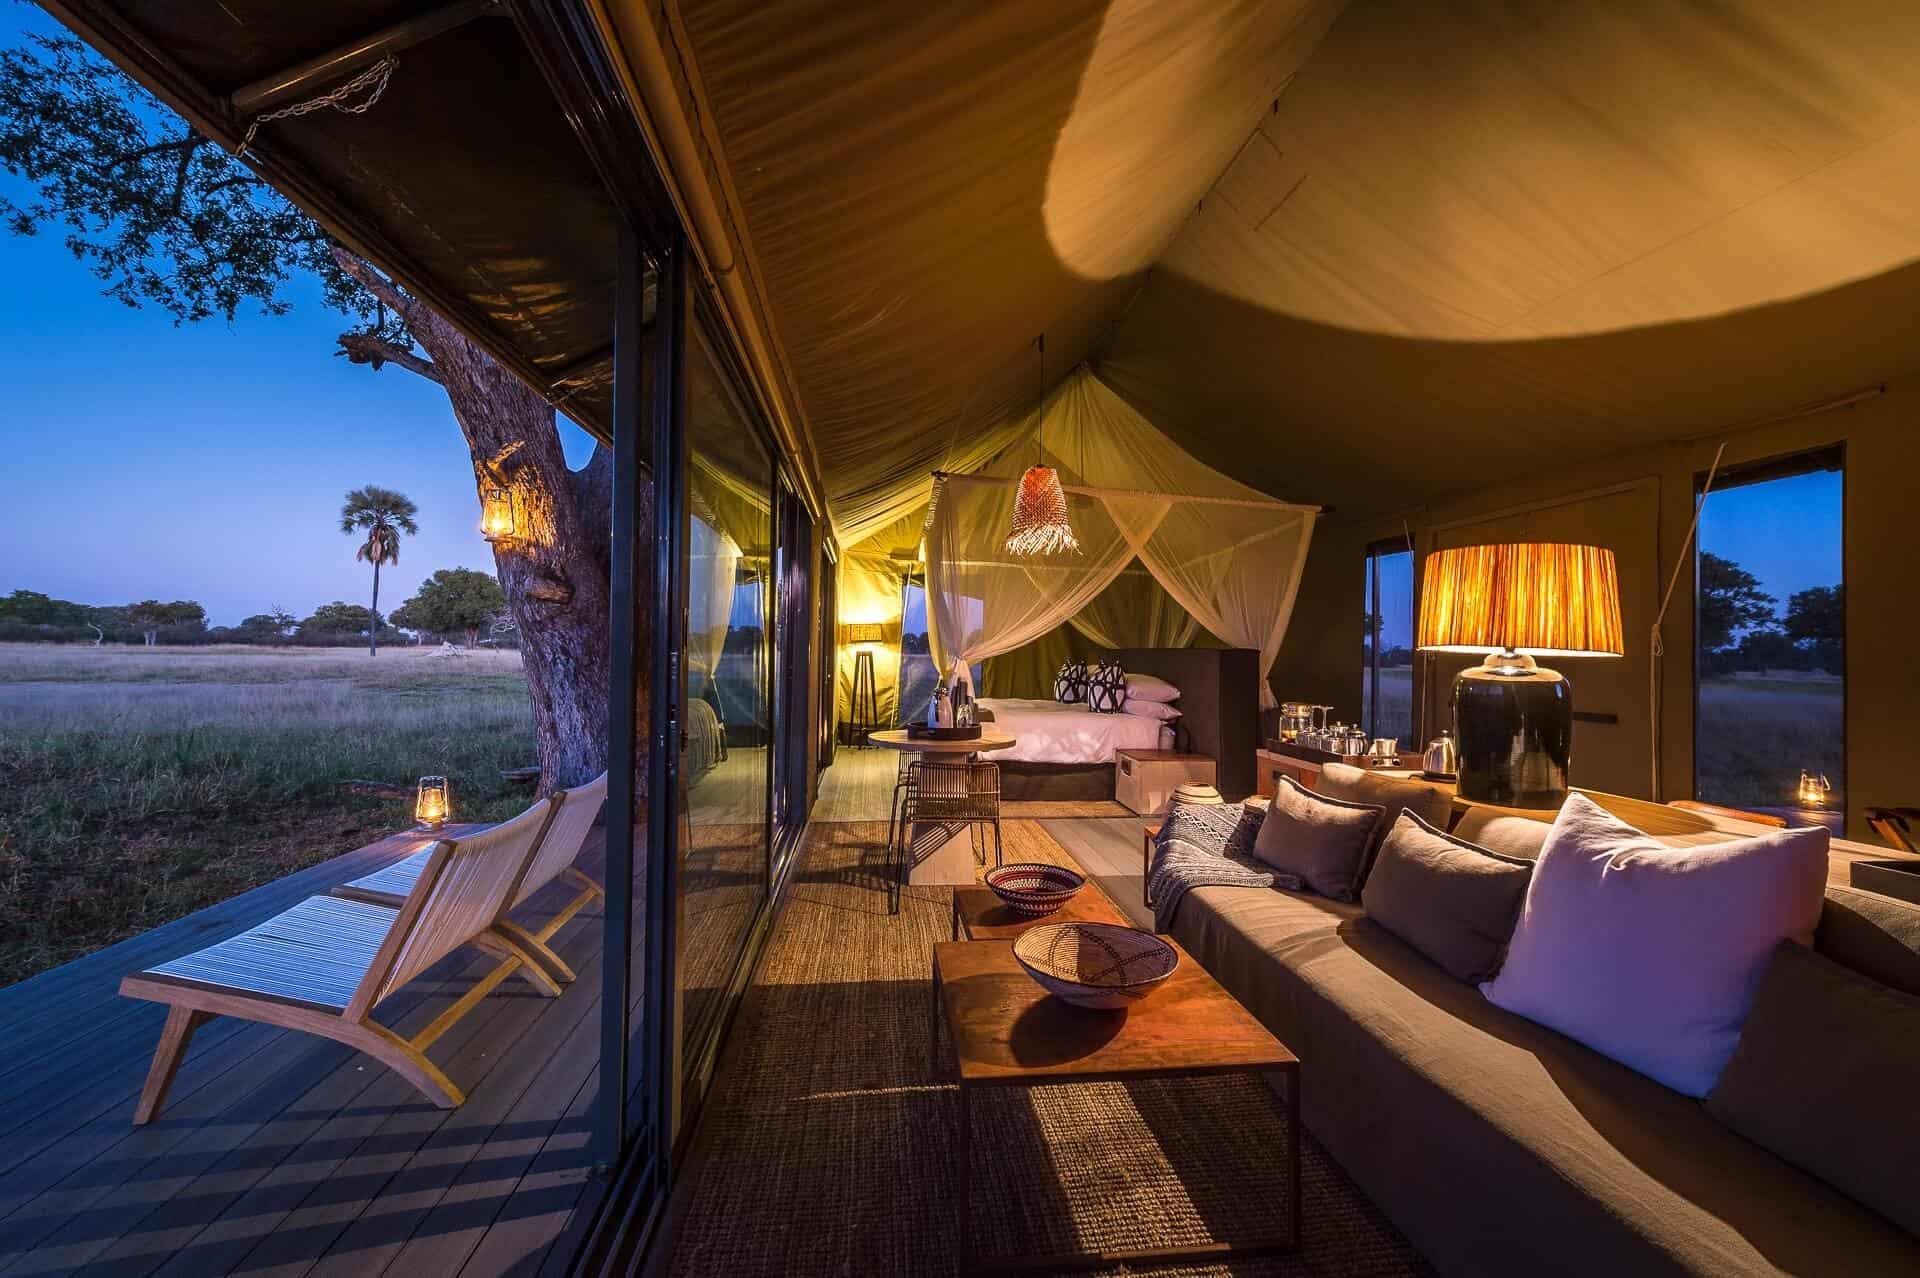 Tailormade-safaris-camp-linkwasha-hwange-zimbabwe